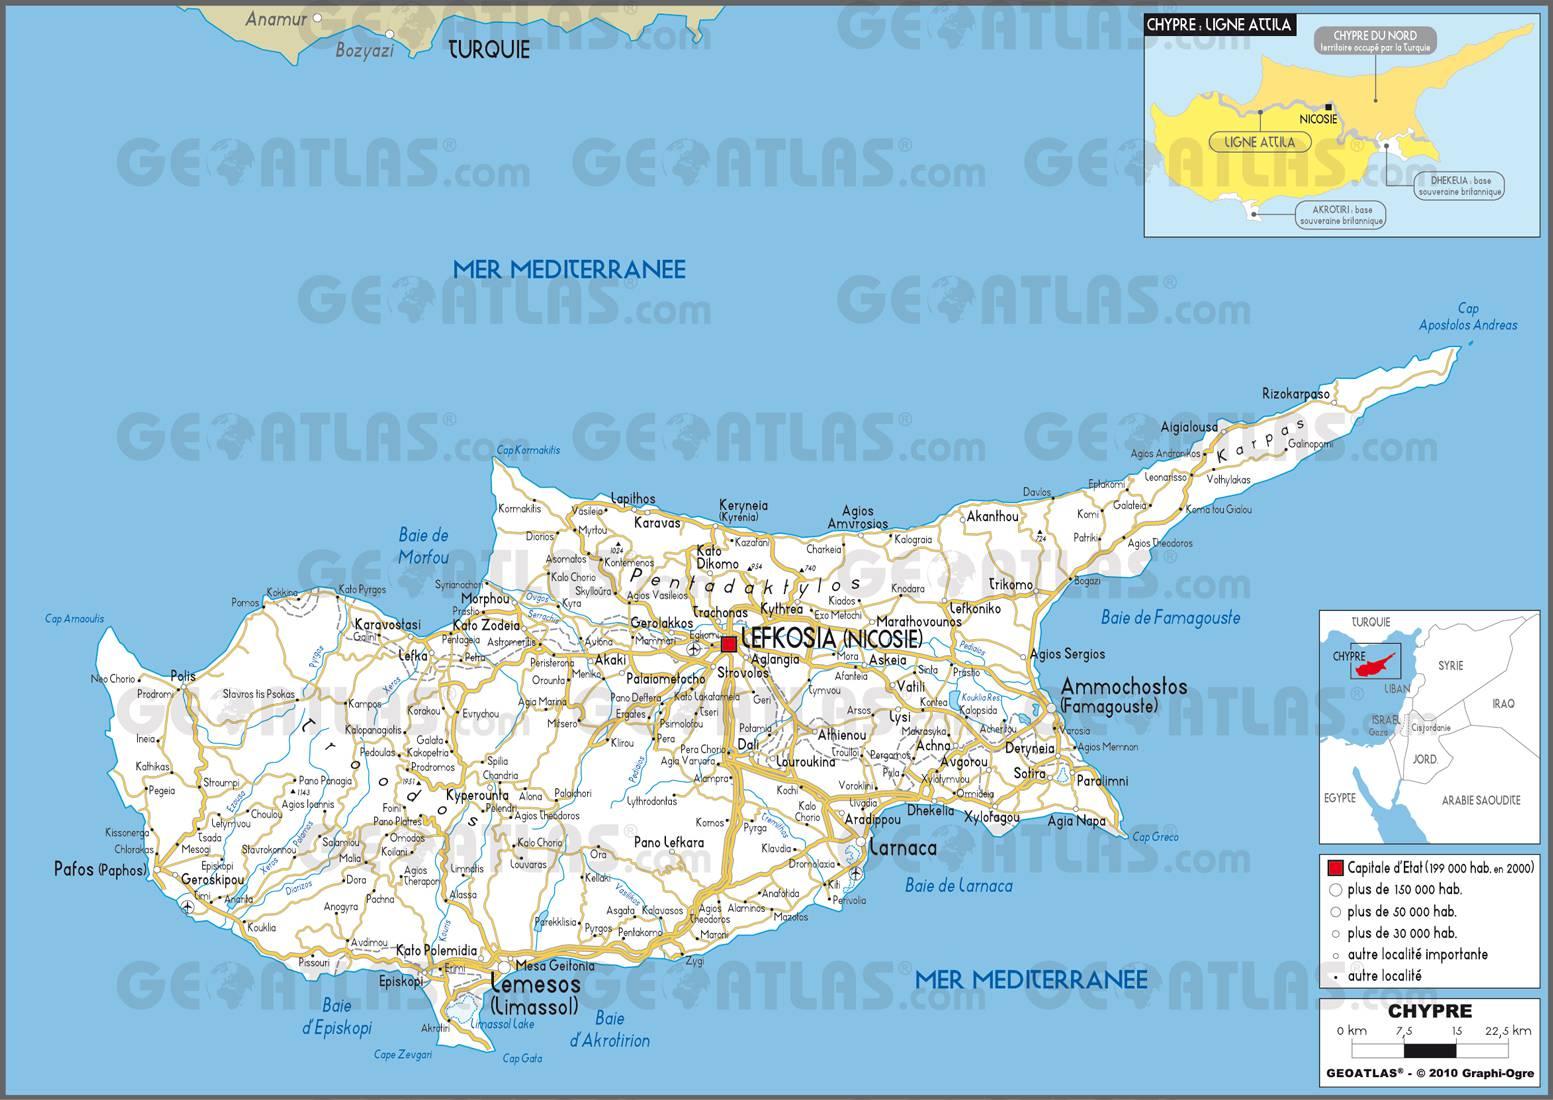 Carte routière de Chypre